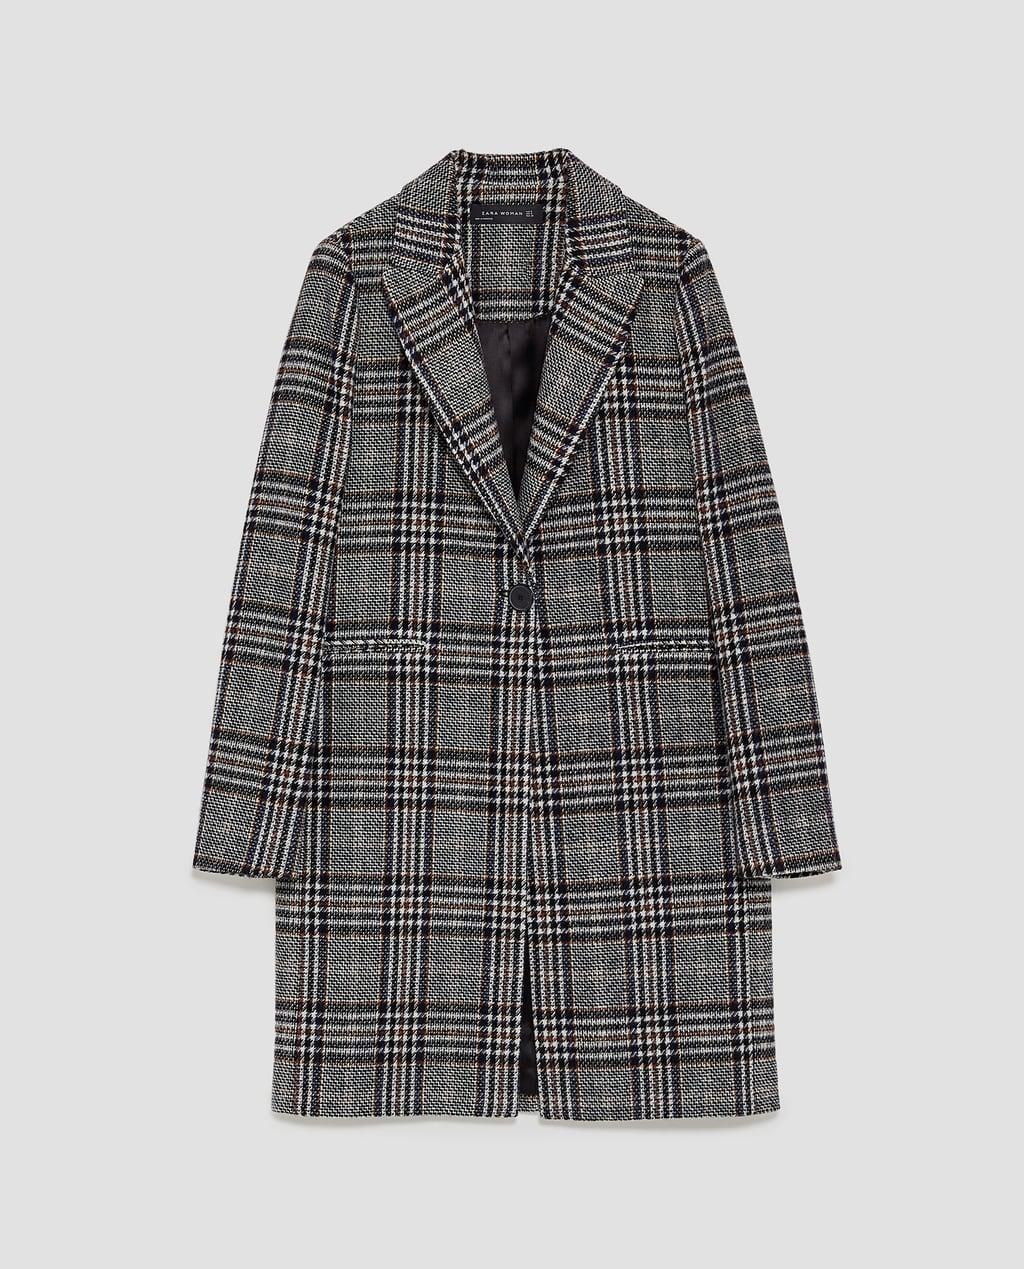 Zara $120